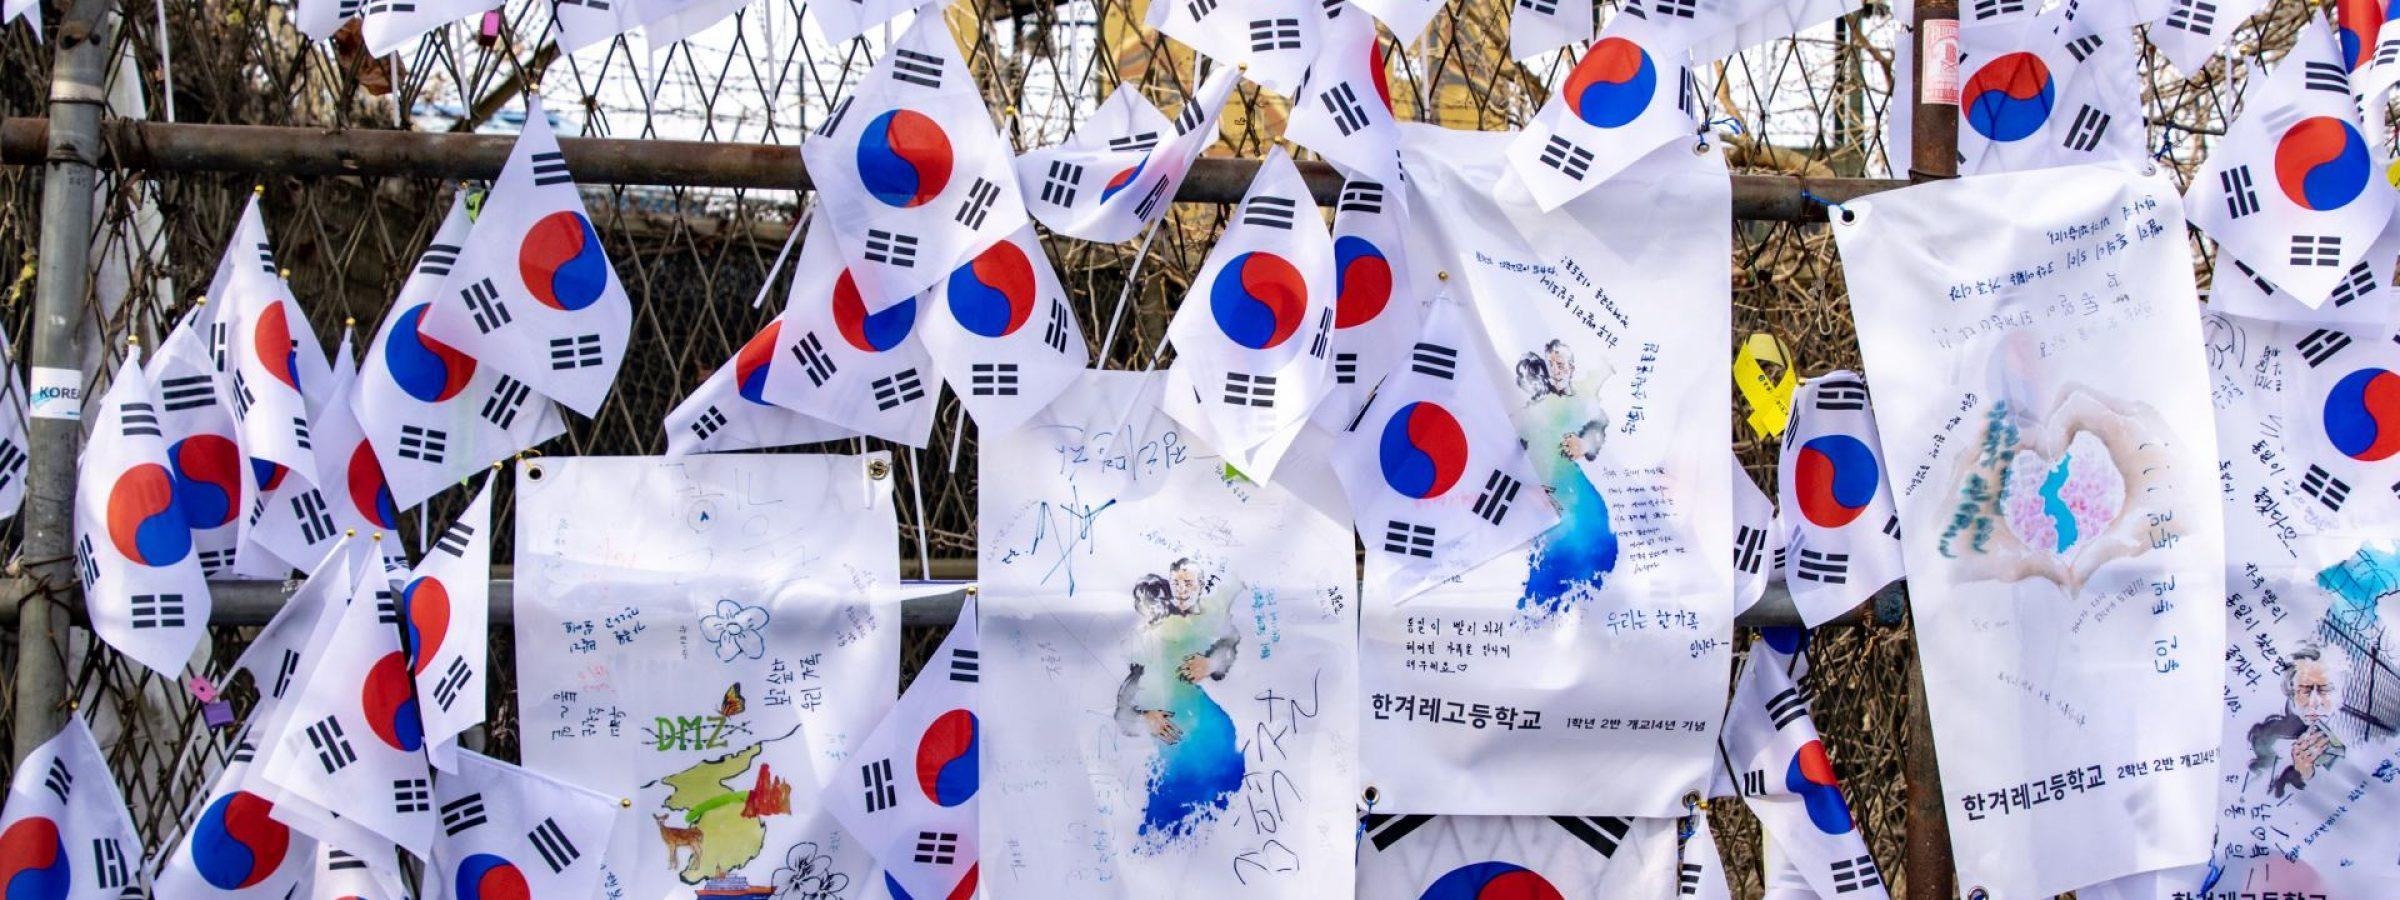 south korea flags on the dmz